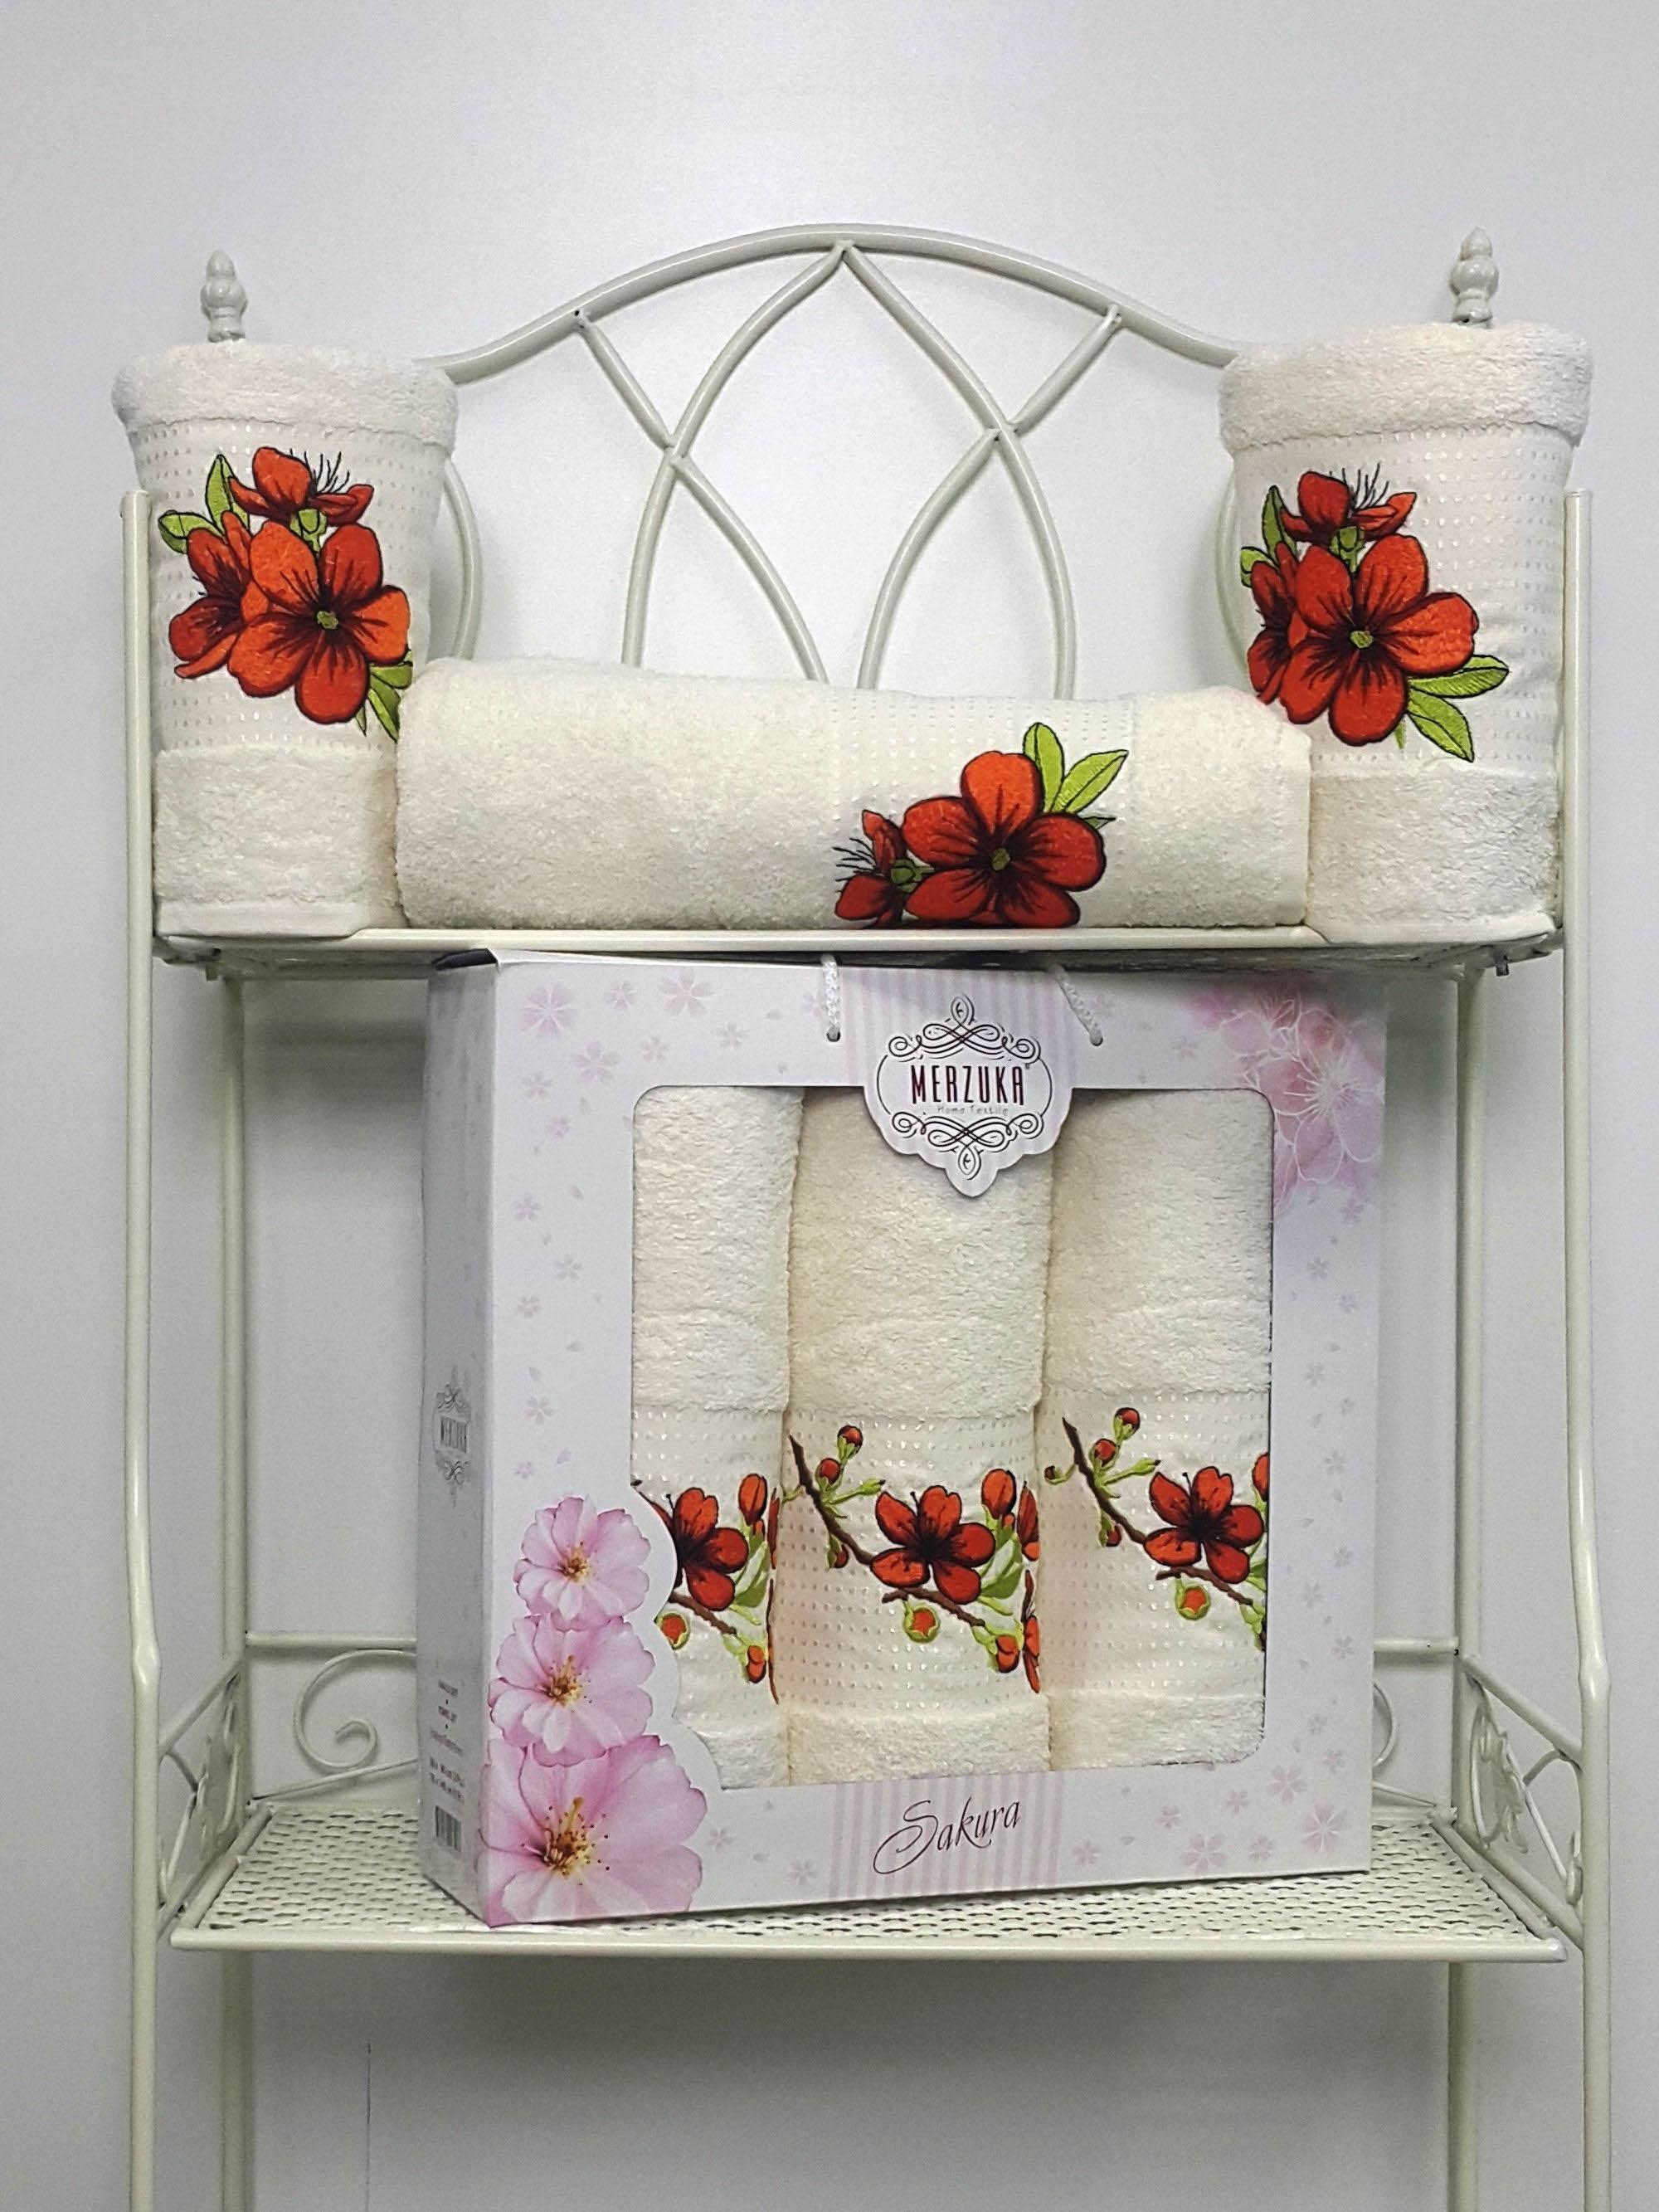 Полотенца Oran Merzuka Полотенце Sakura Цвет: Кремовый (Набор) набор из 3 полотенец merzuka sakura 50х90 2 70х140 8432 кремовый